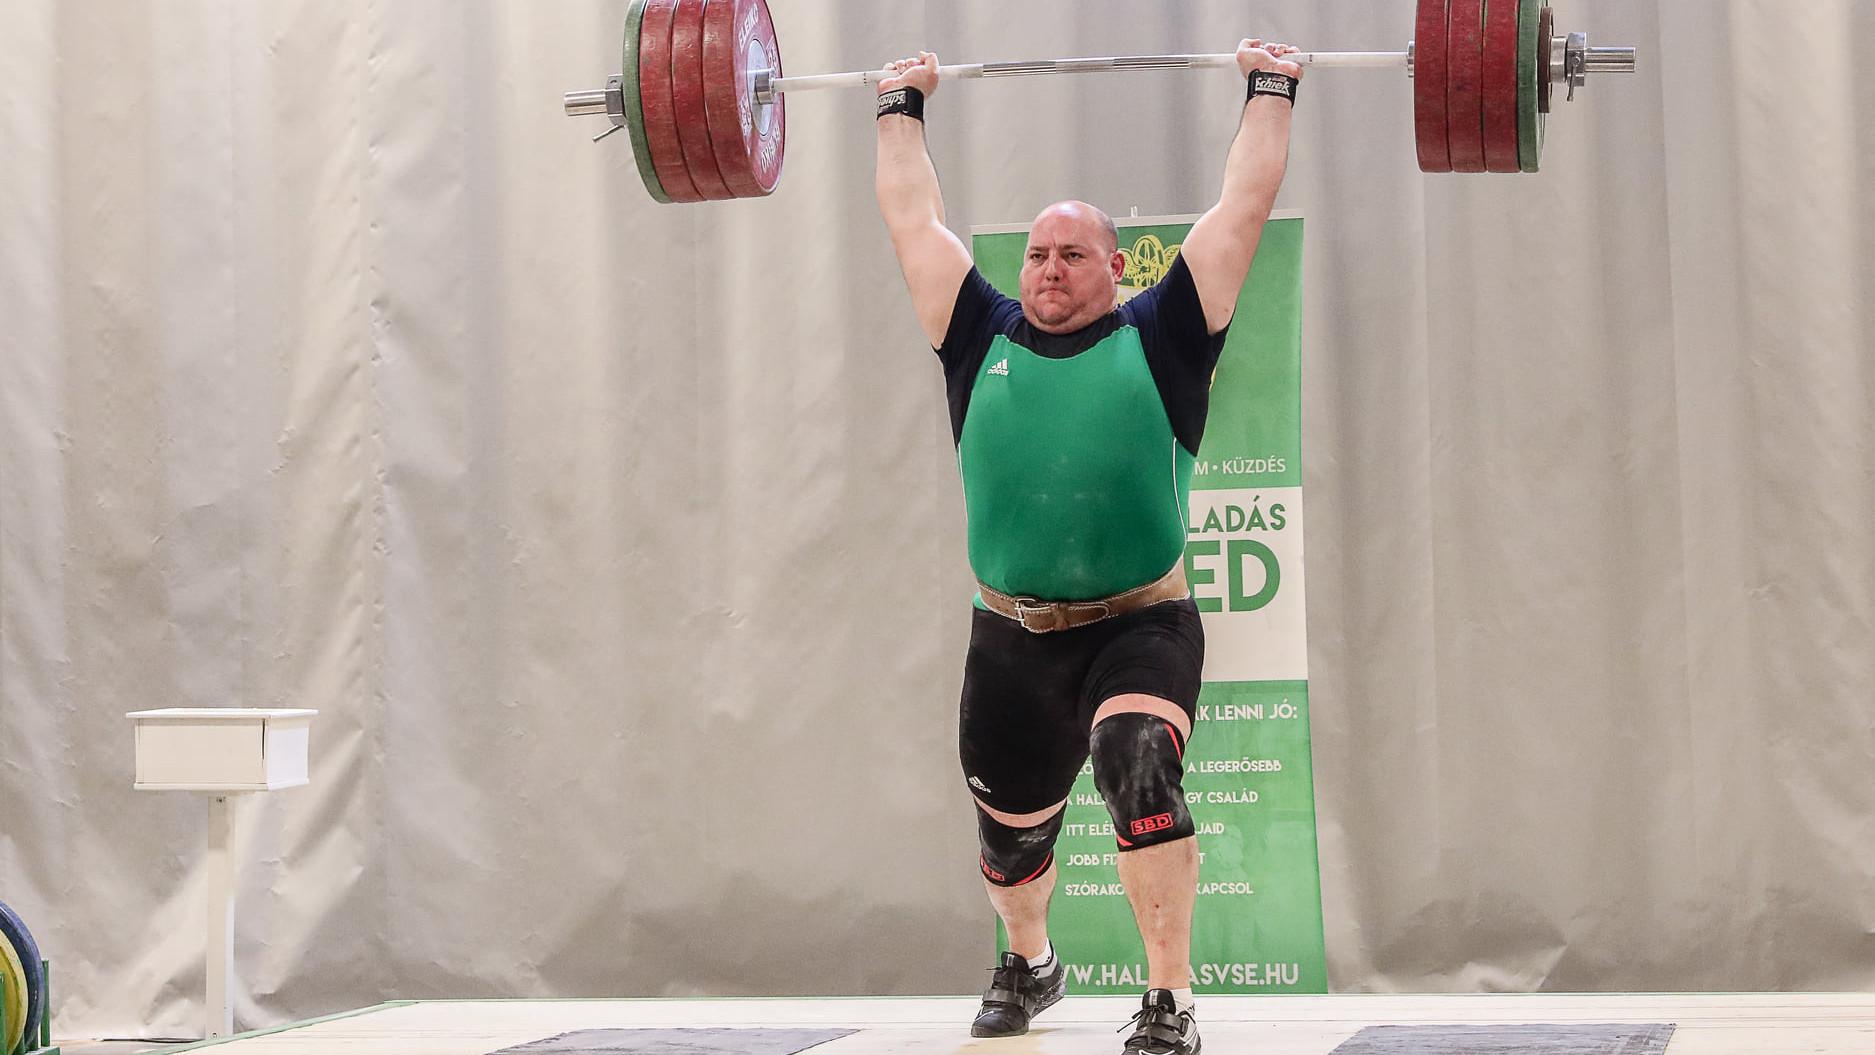 Nagy Péter nyolcadik lett az Európa-bajnokságon